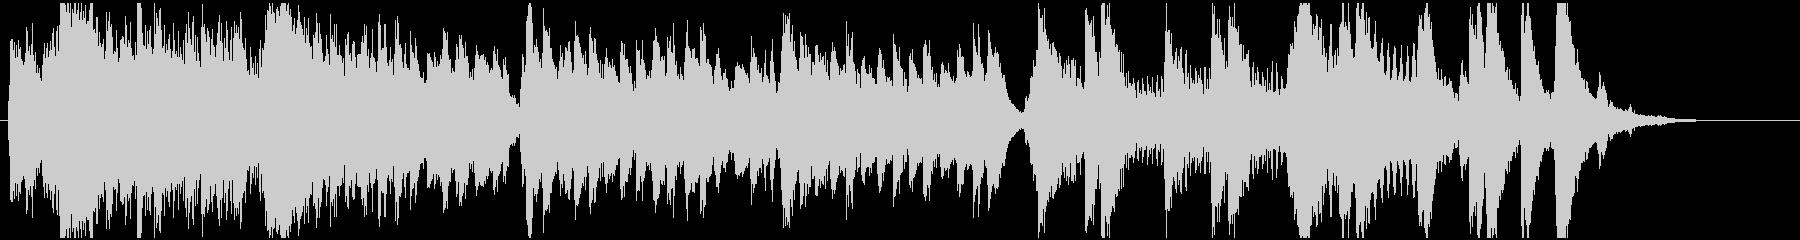 威厳ある日本風なBGMの未再生の波形